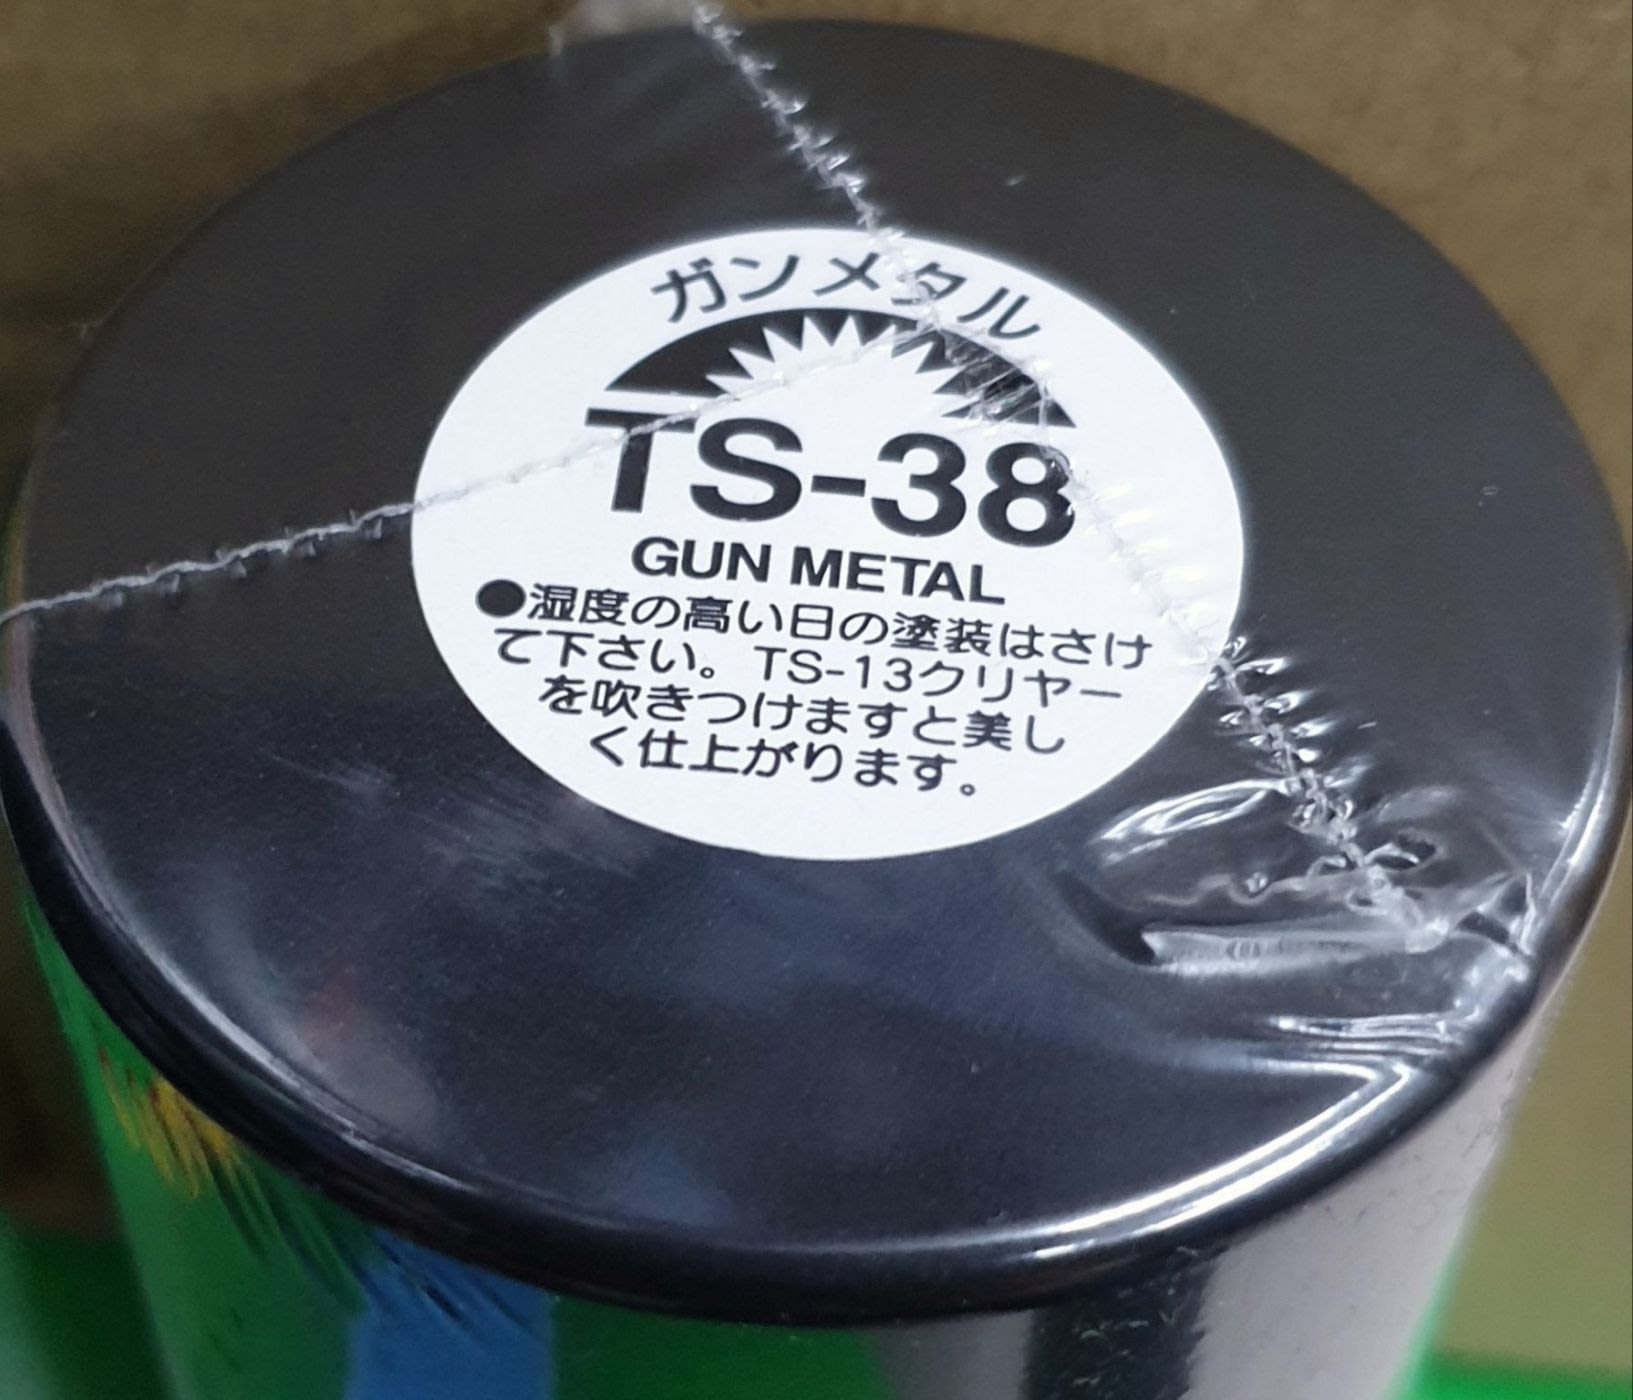 【鄭姐的店】日本 TAMIYA 模型專用噴漆 TS-38 鐵黑色